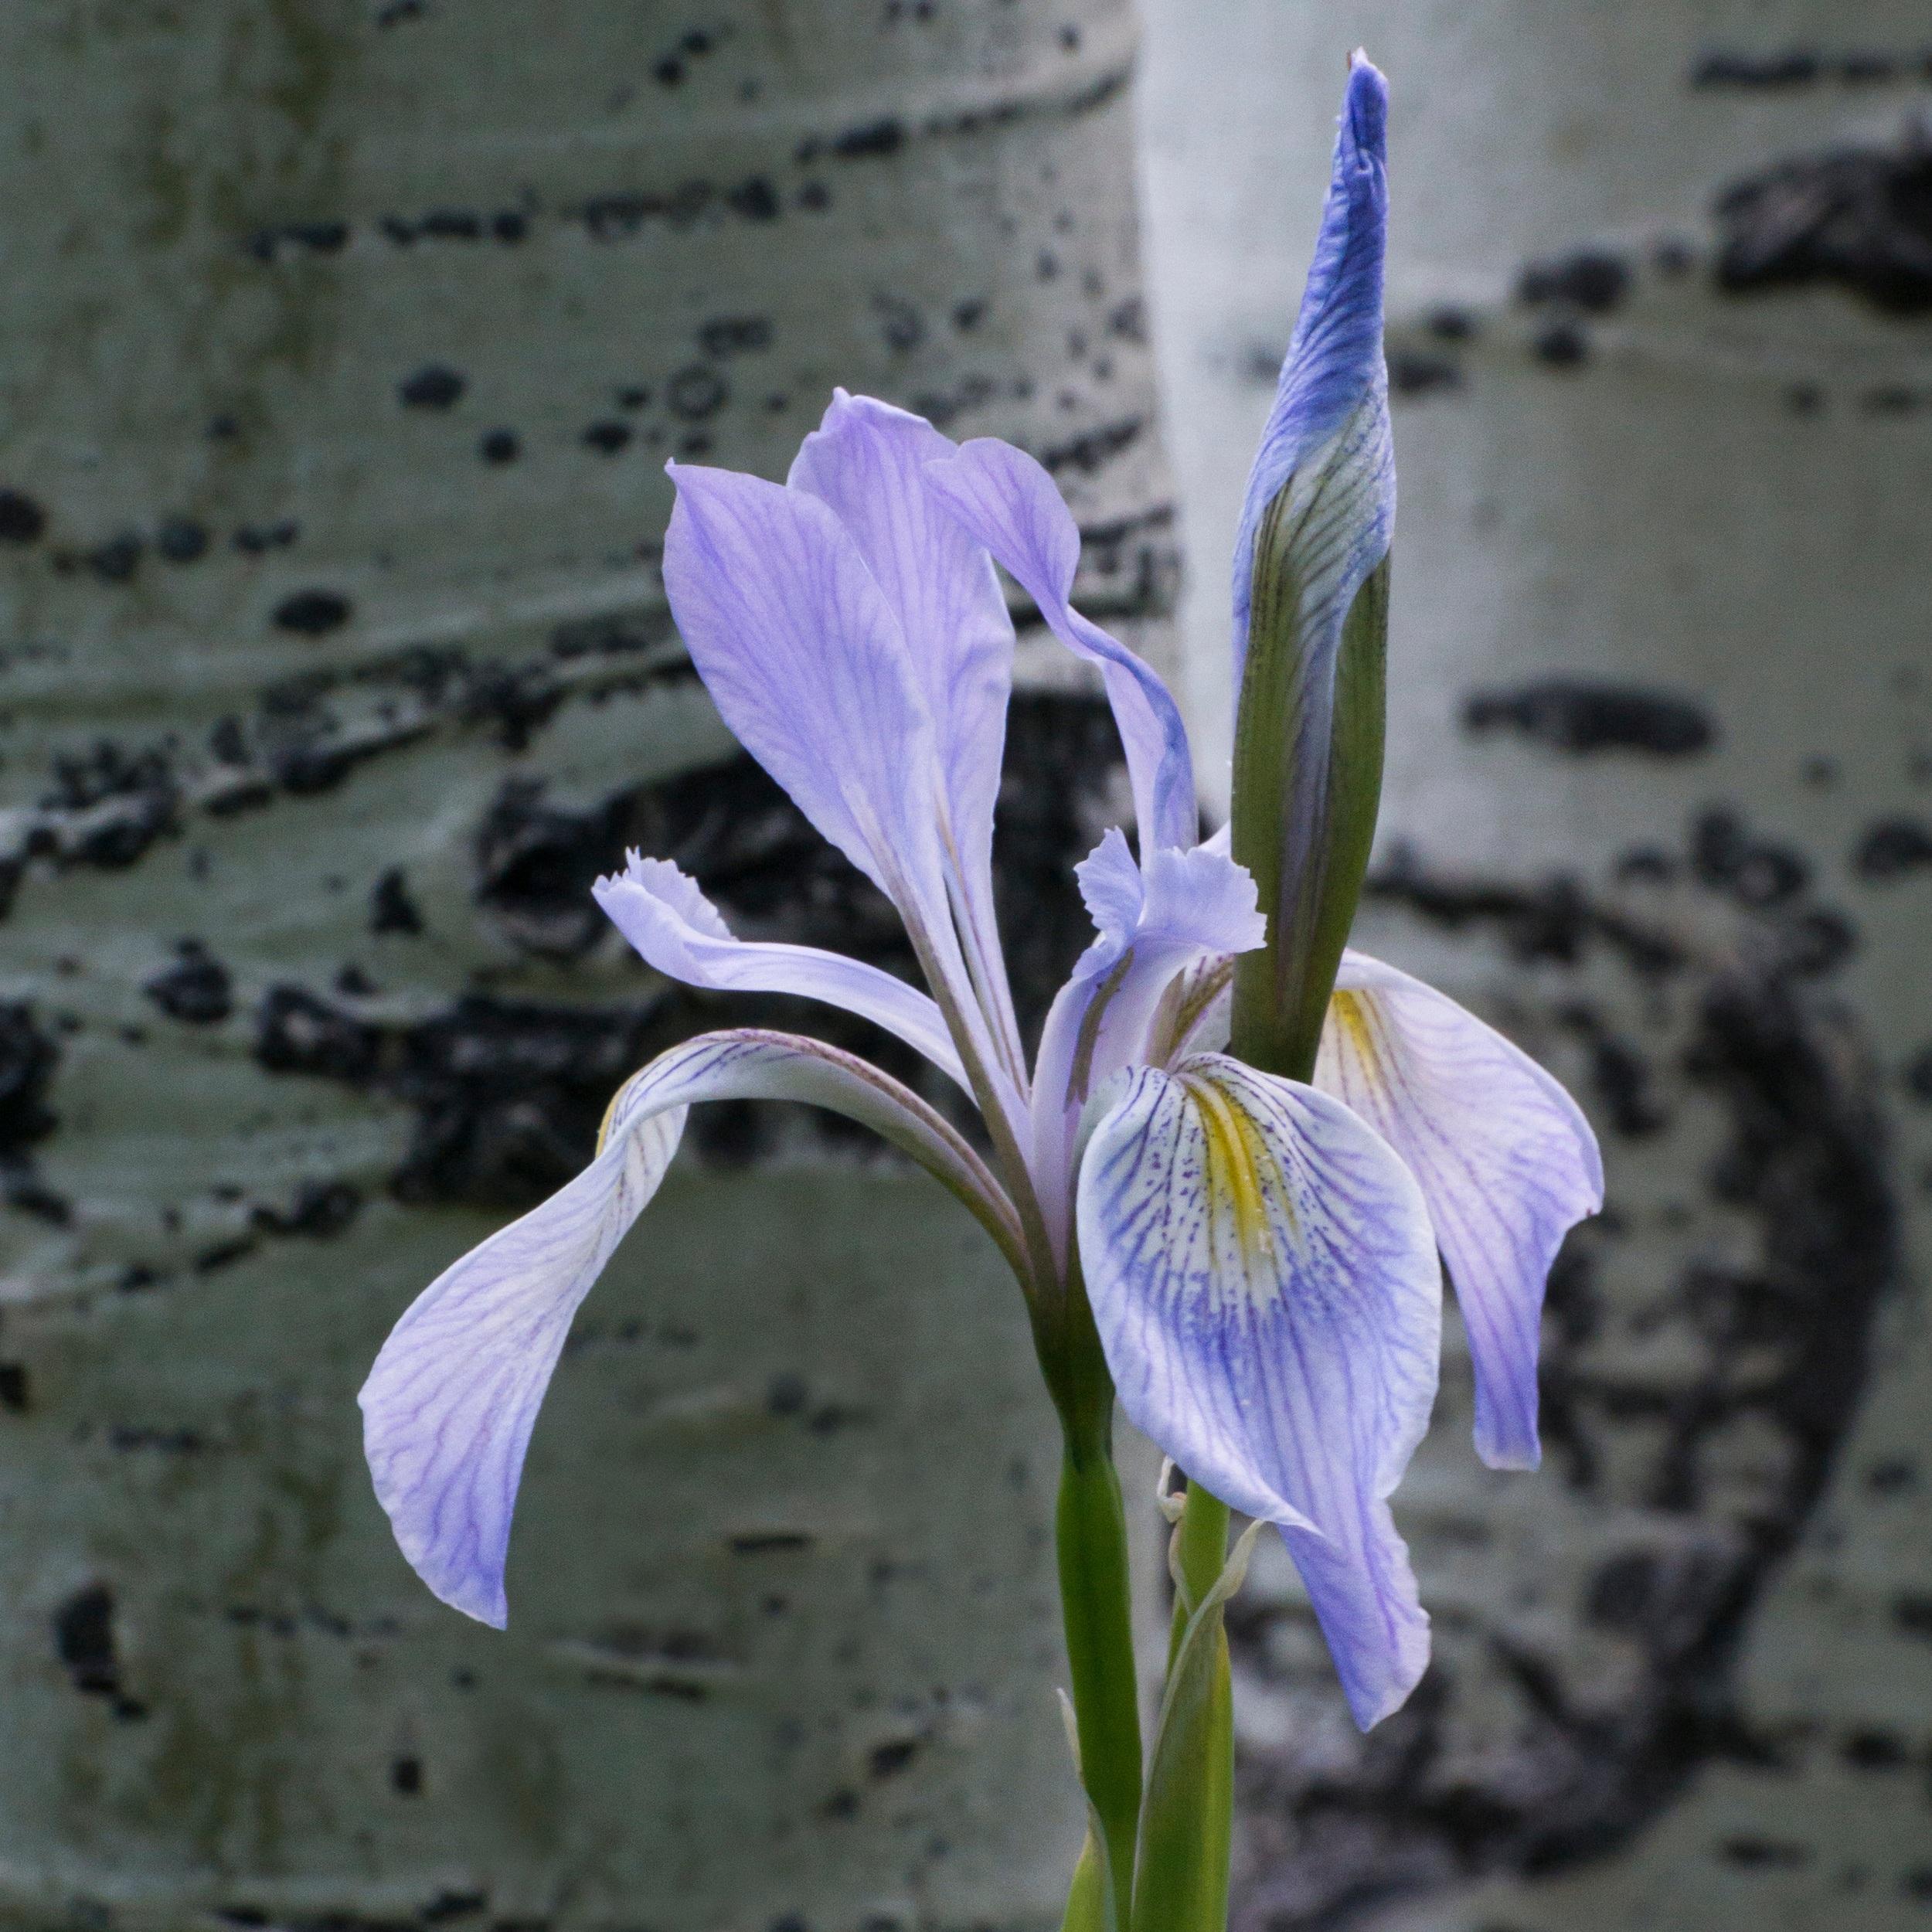 Iris+missouriensis+%28Rocky+Mountain+iris%29+2.jpg